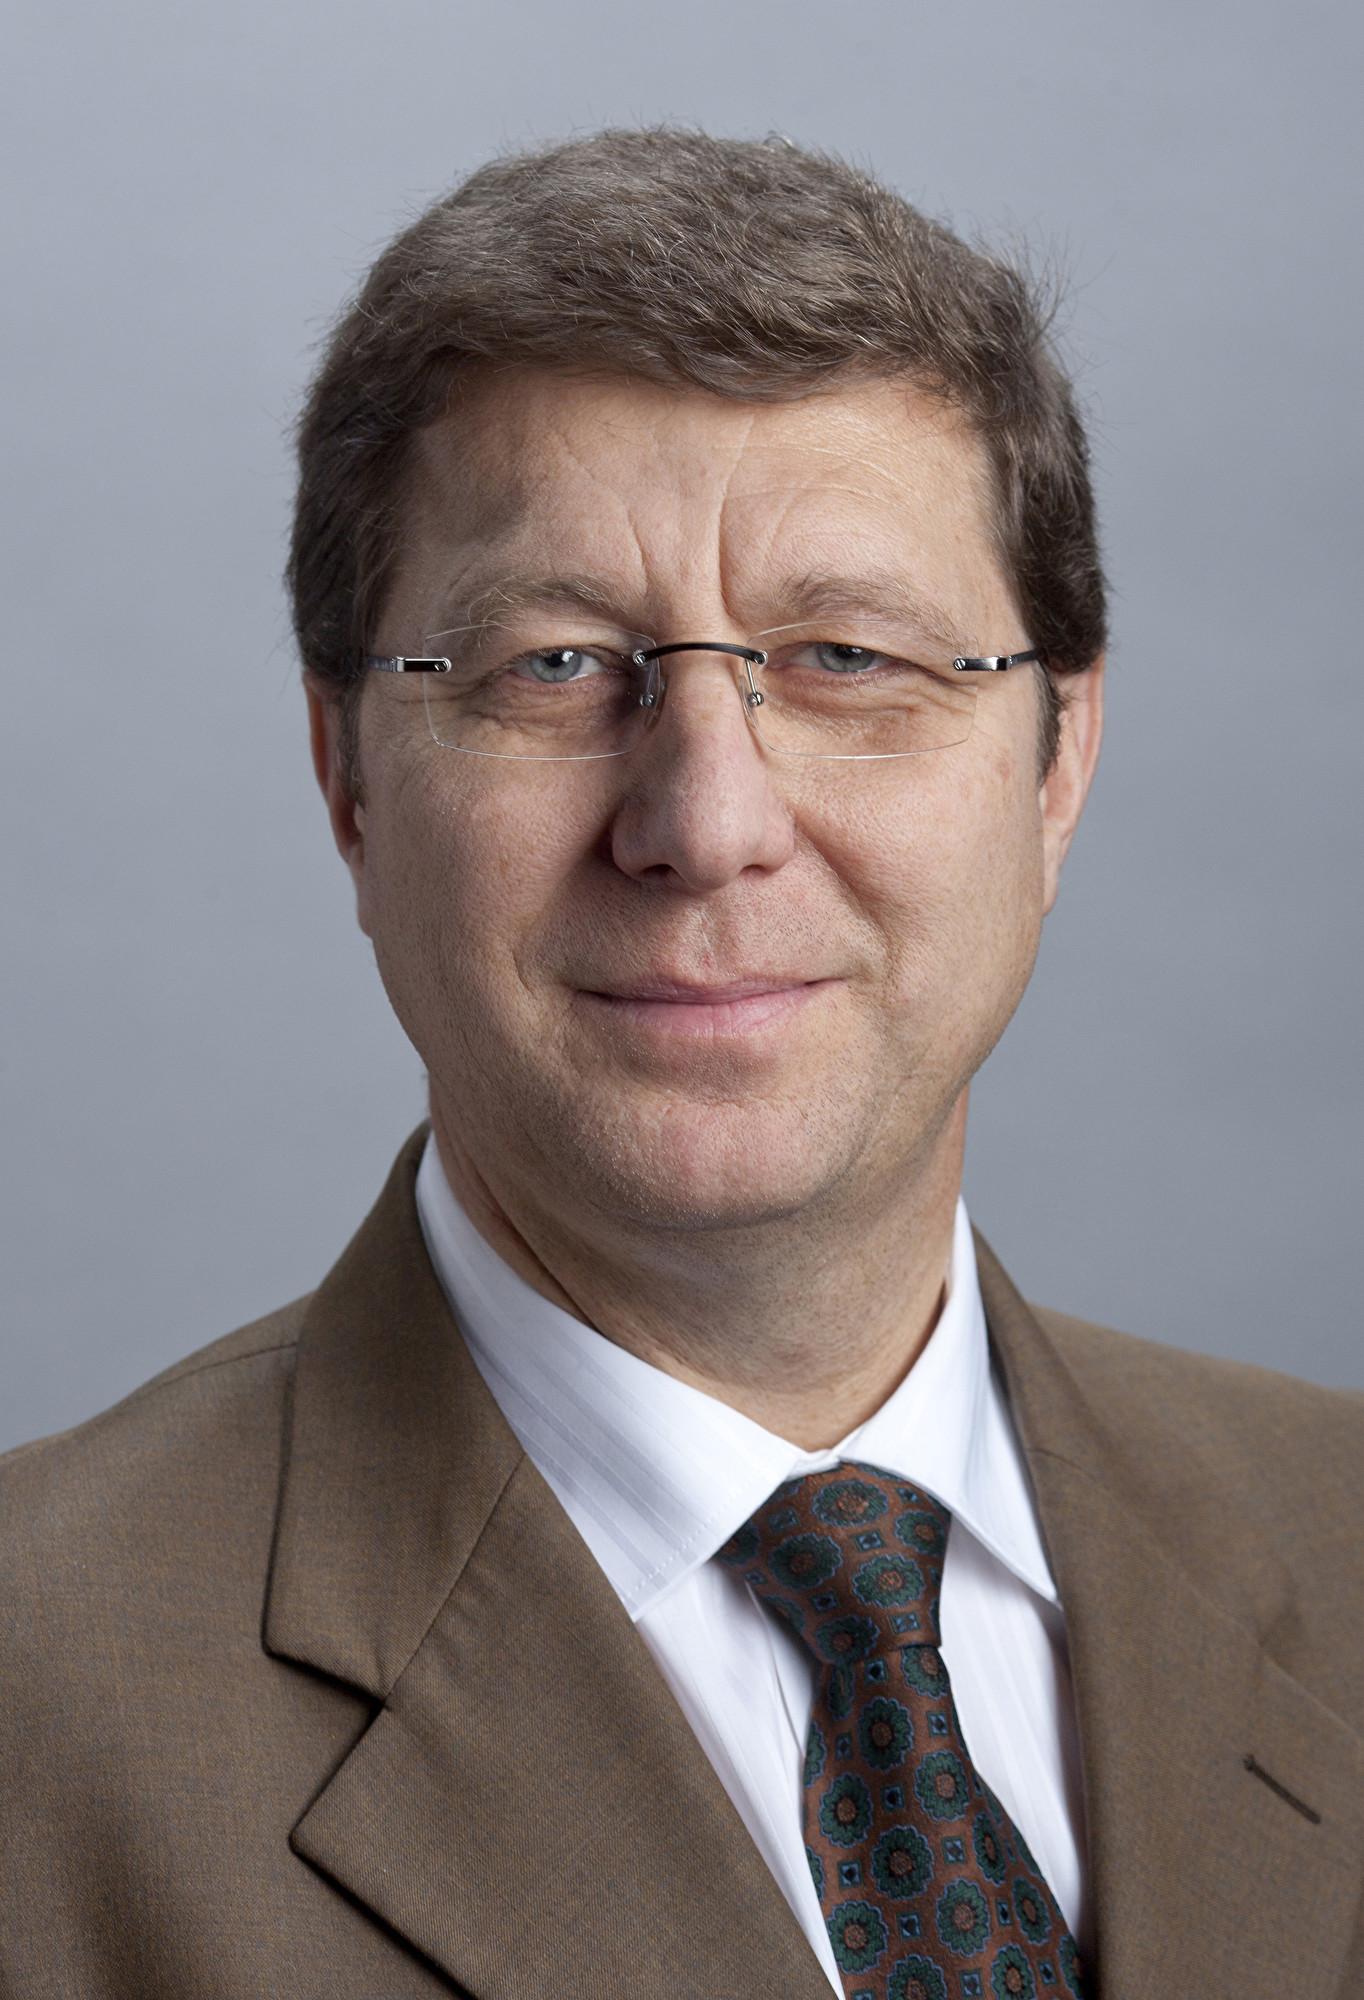 日內瓦州部長莫羅‧波賈(Mauro Poggia)先生。(維基百科)